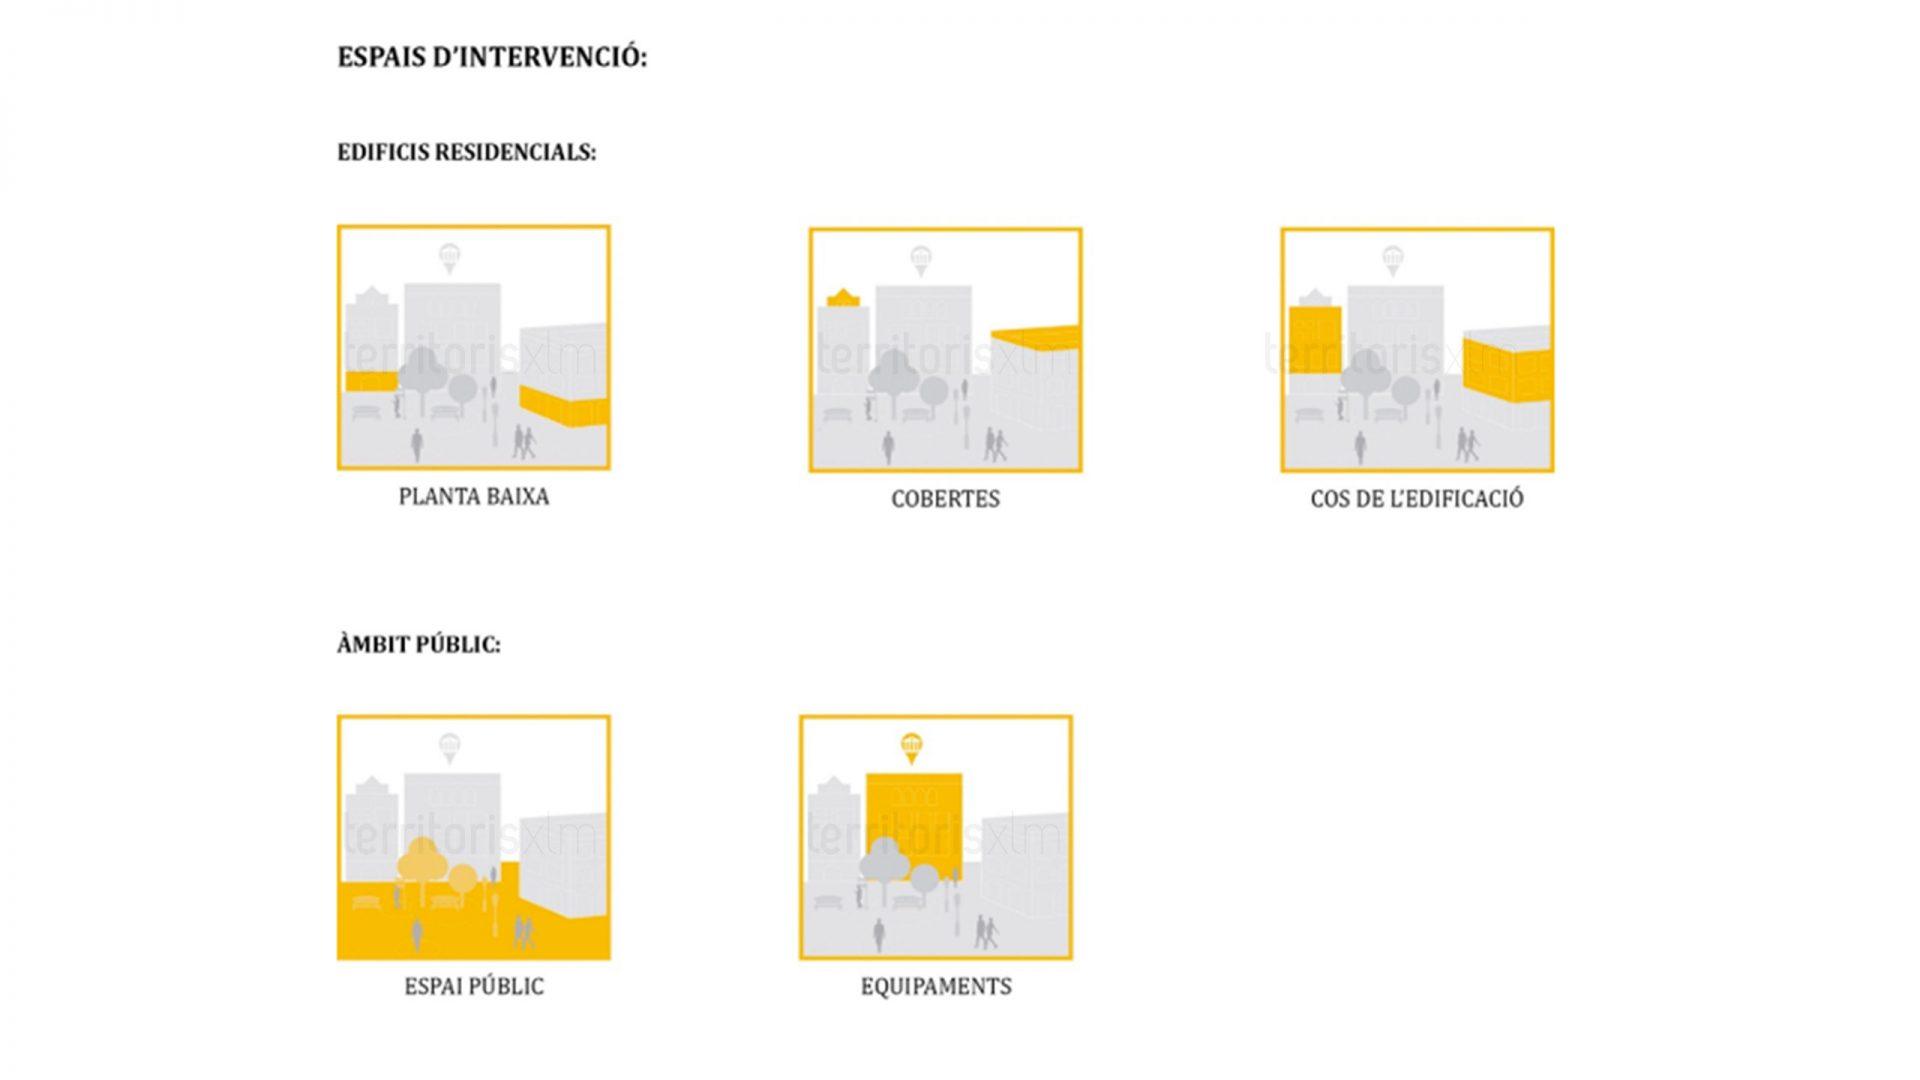 espais-intervencio